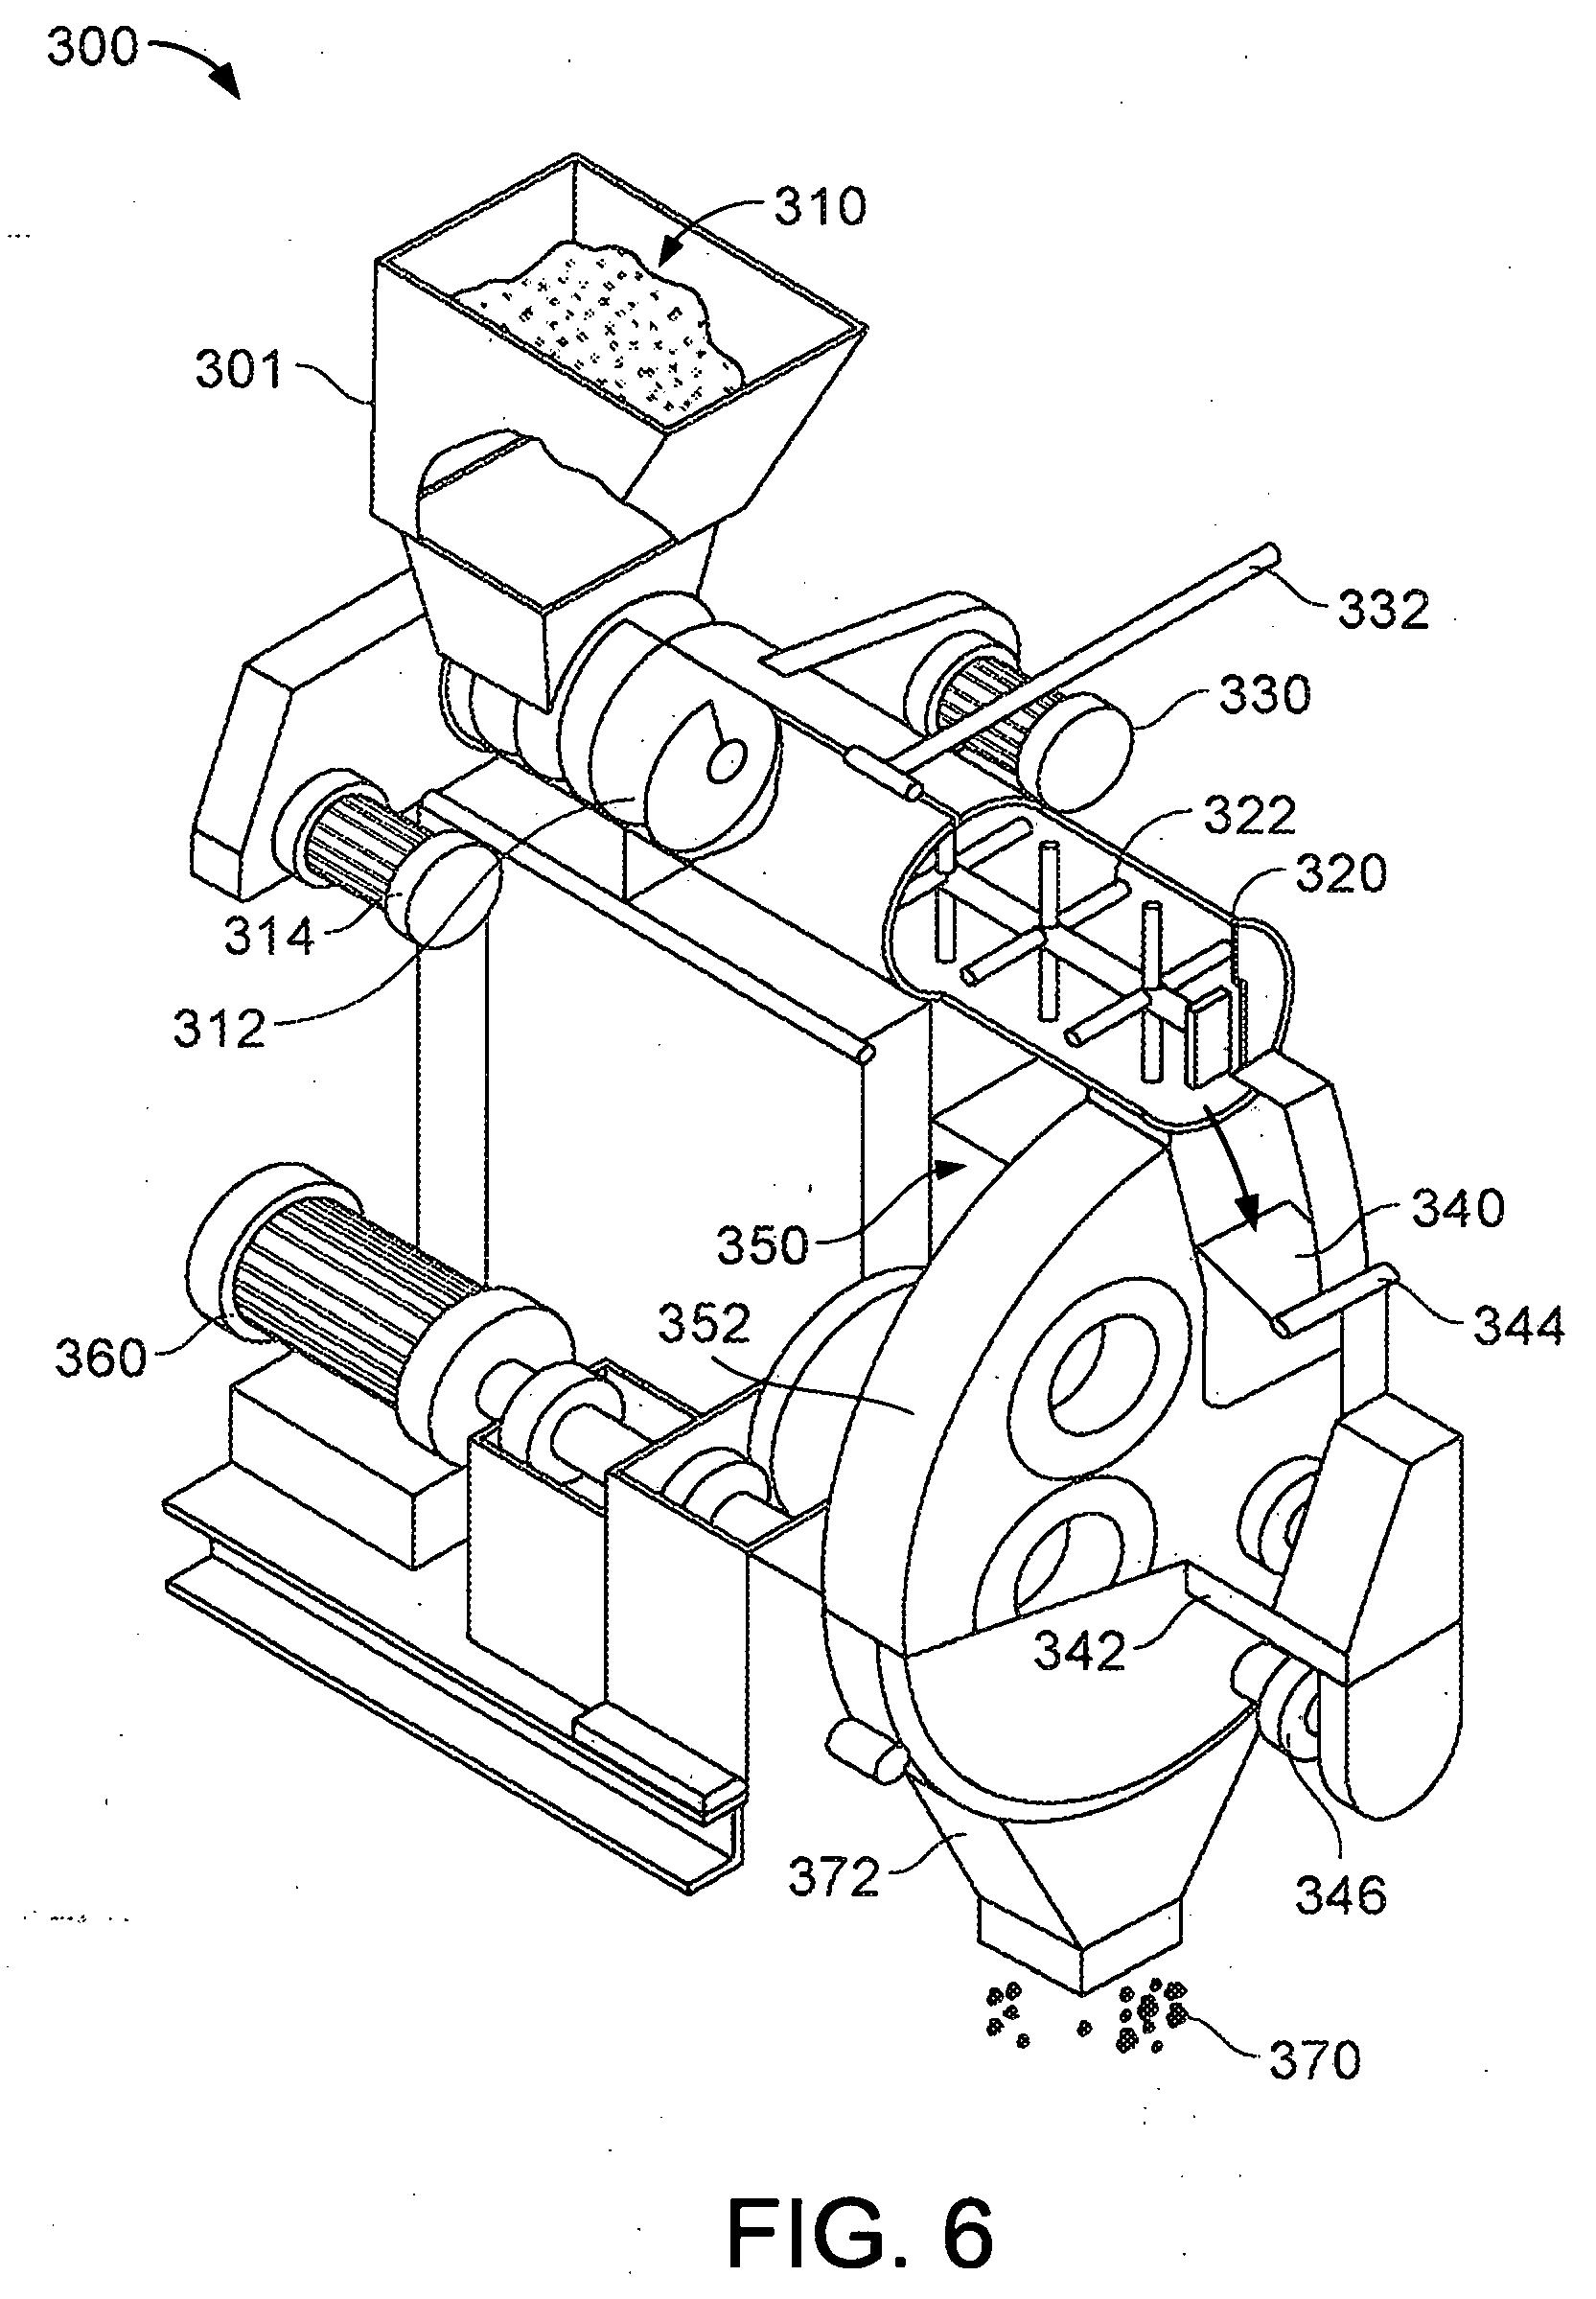 EP2279256B1 - Traitement de la biomasse - Google Patents